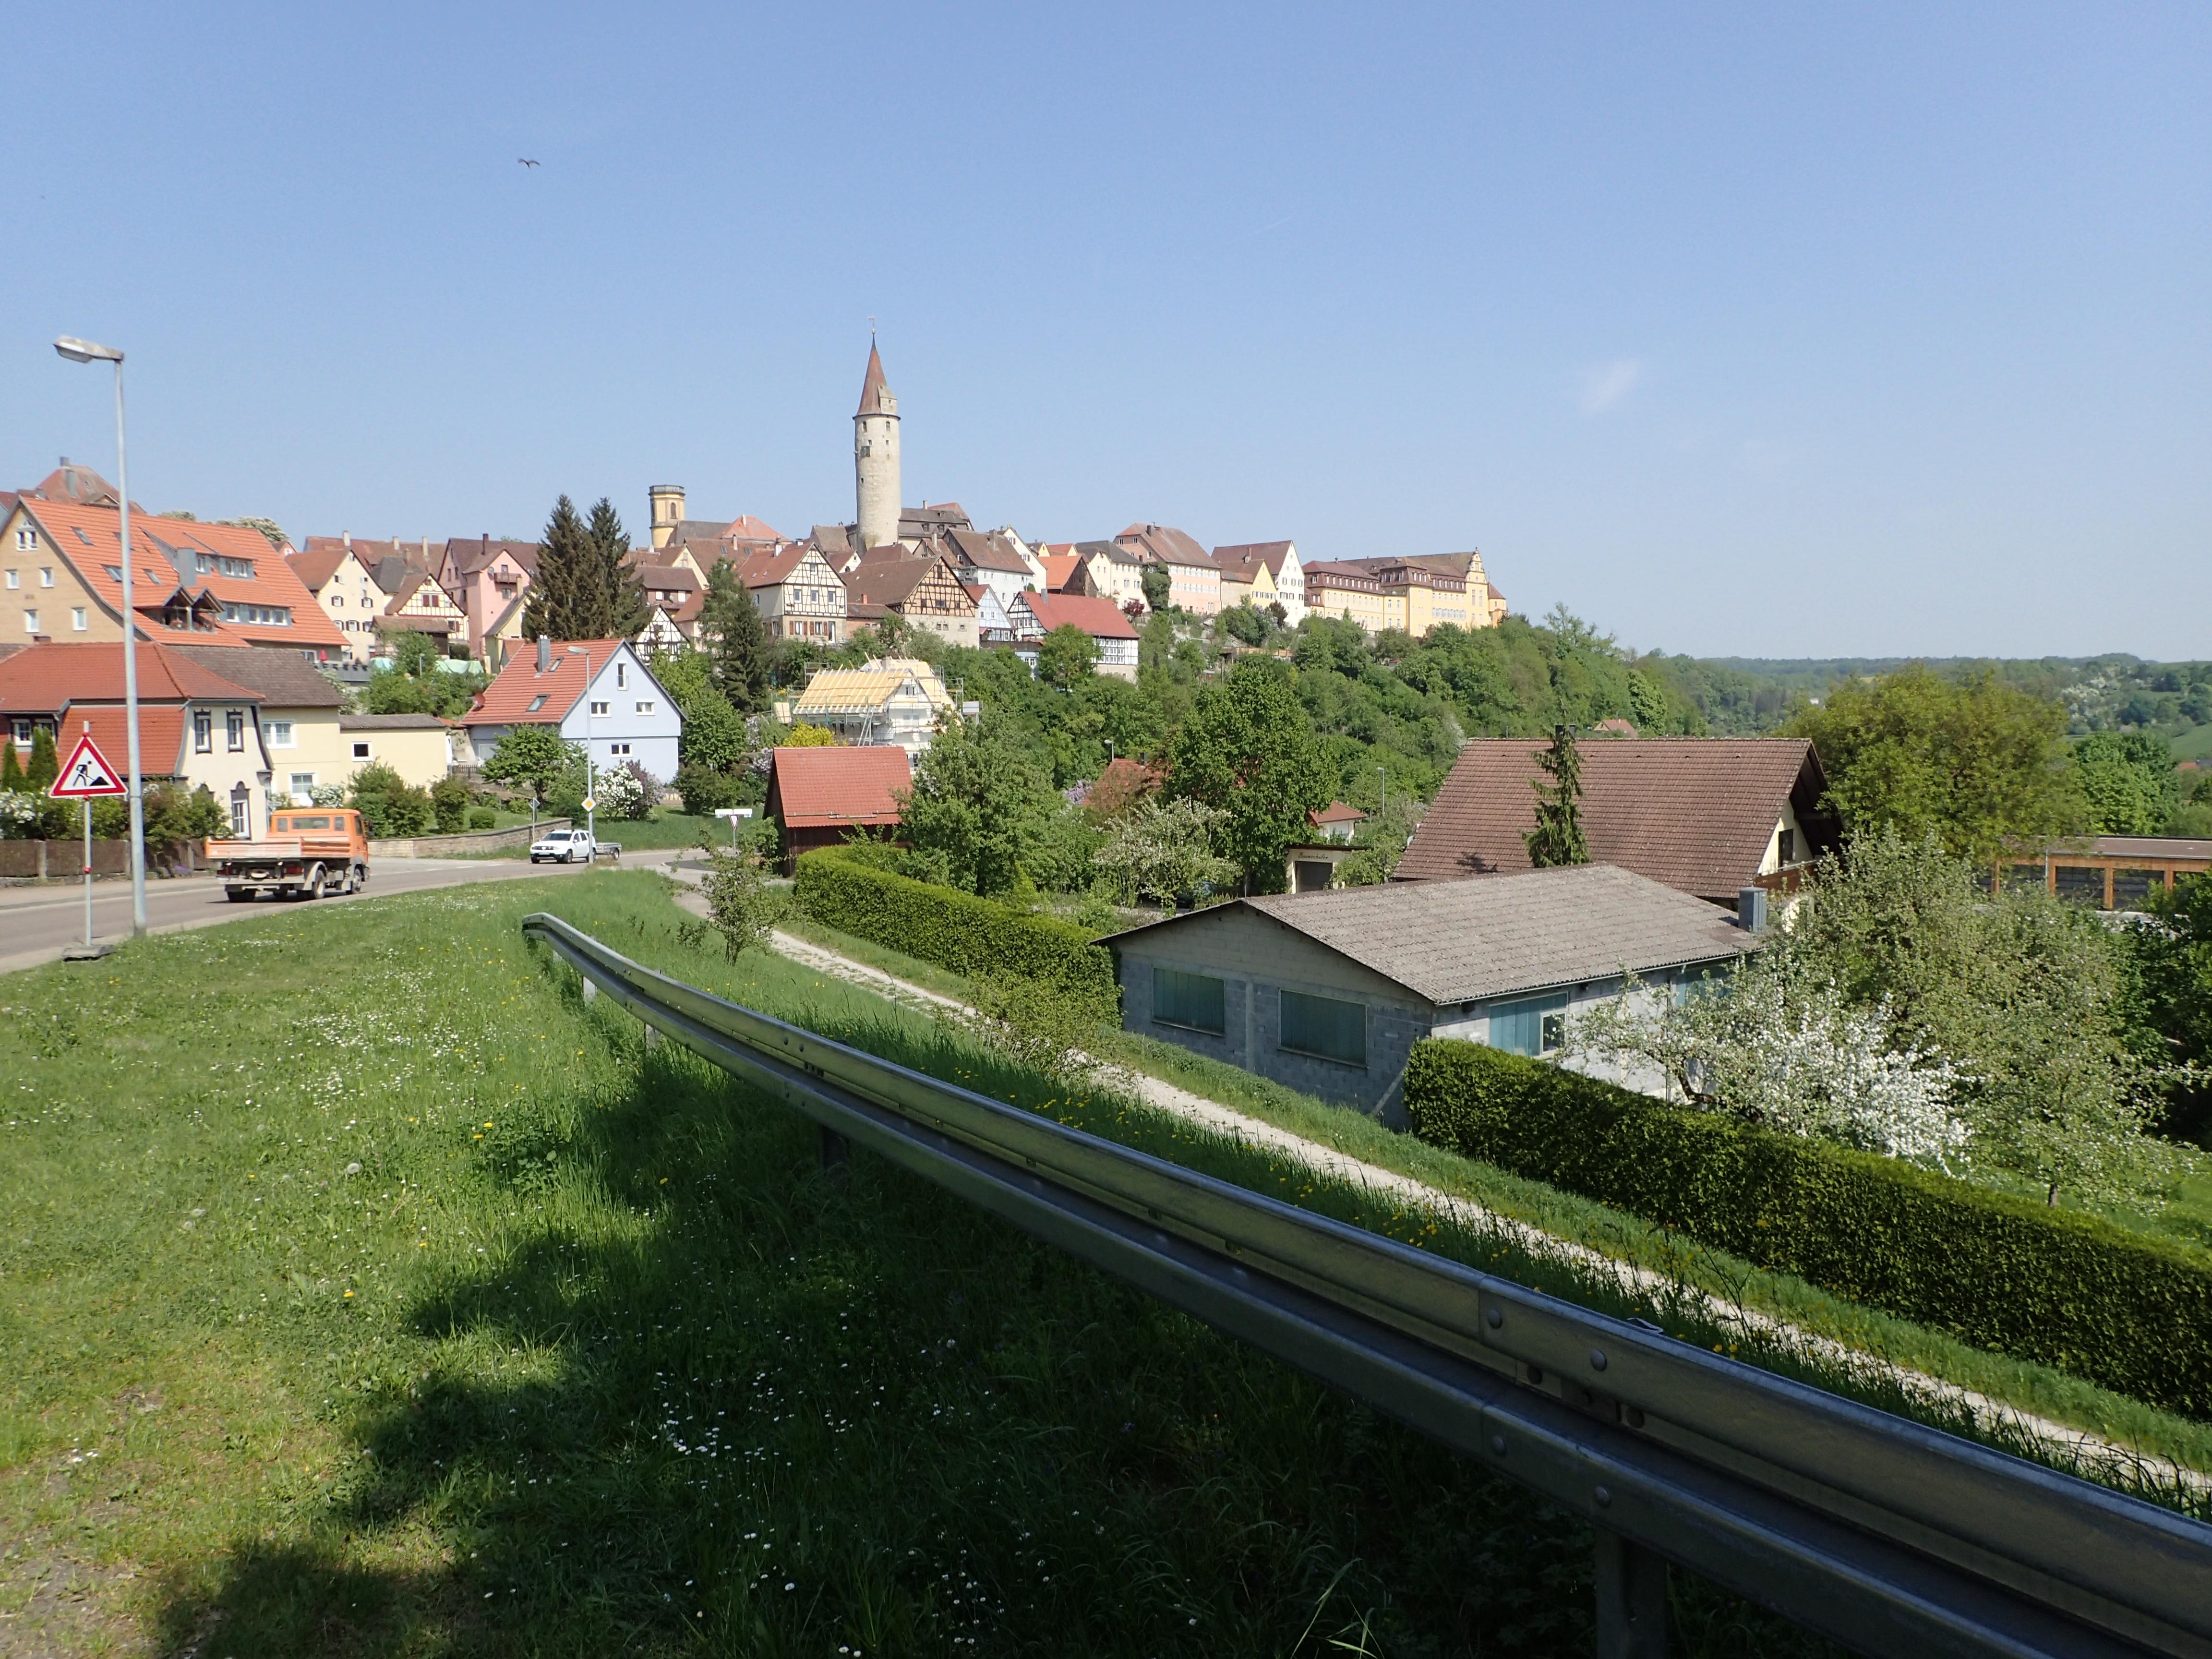 Rückblick nach Kirchberg an der Jagst